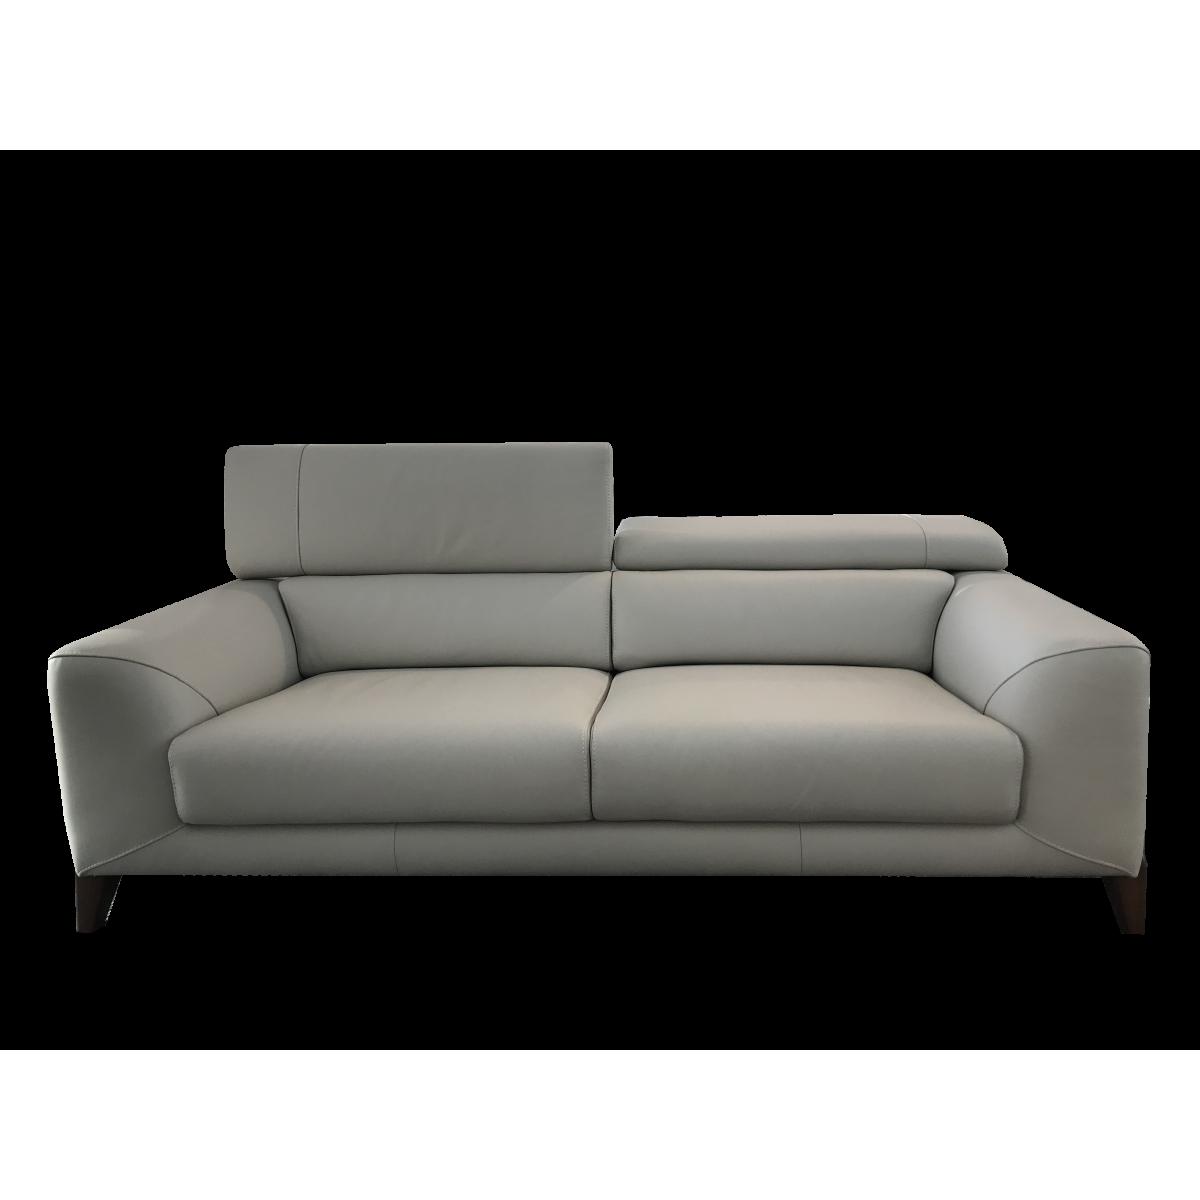 Yin Leather Sofa